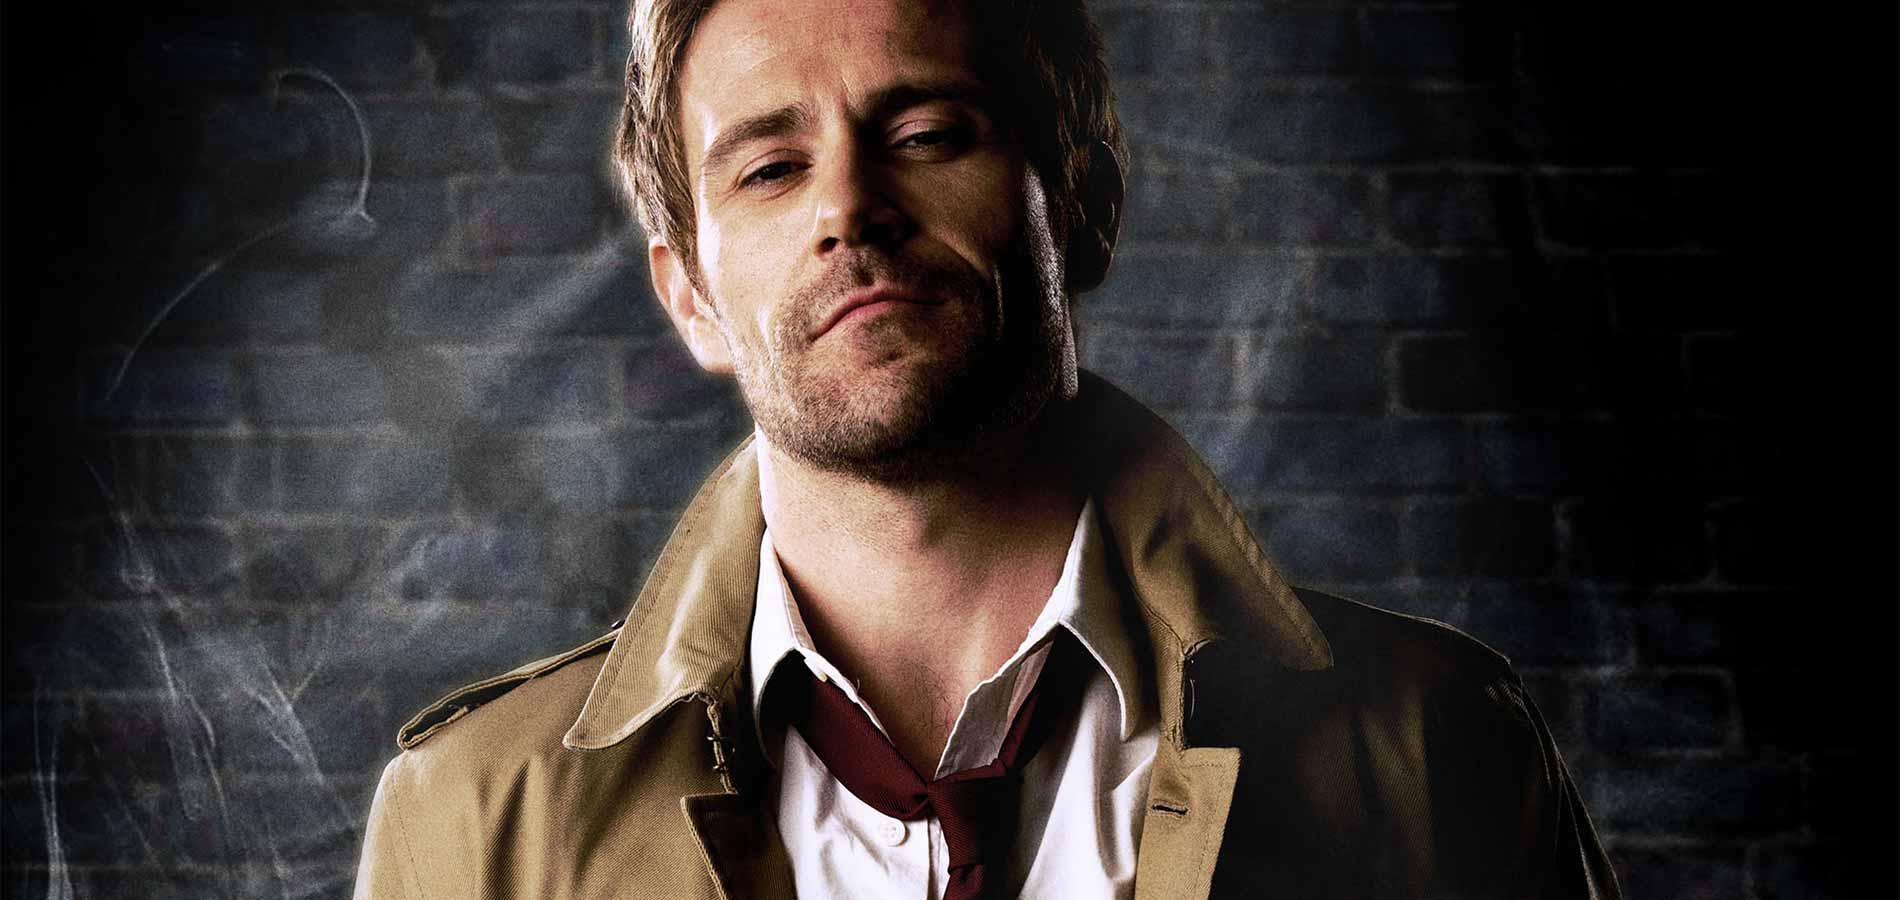 parece que Constantine se encamina definitivamente hacia The CW o al menos es lo que se cree si hacemos caso de los últimos rumores